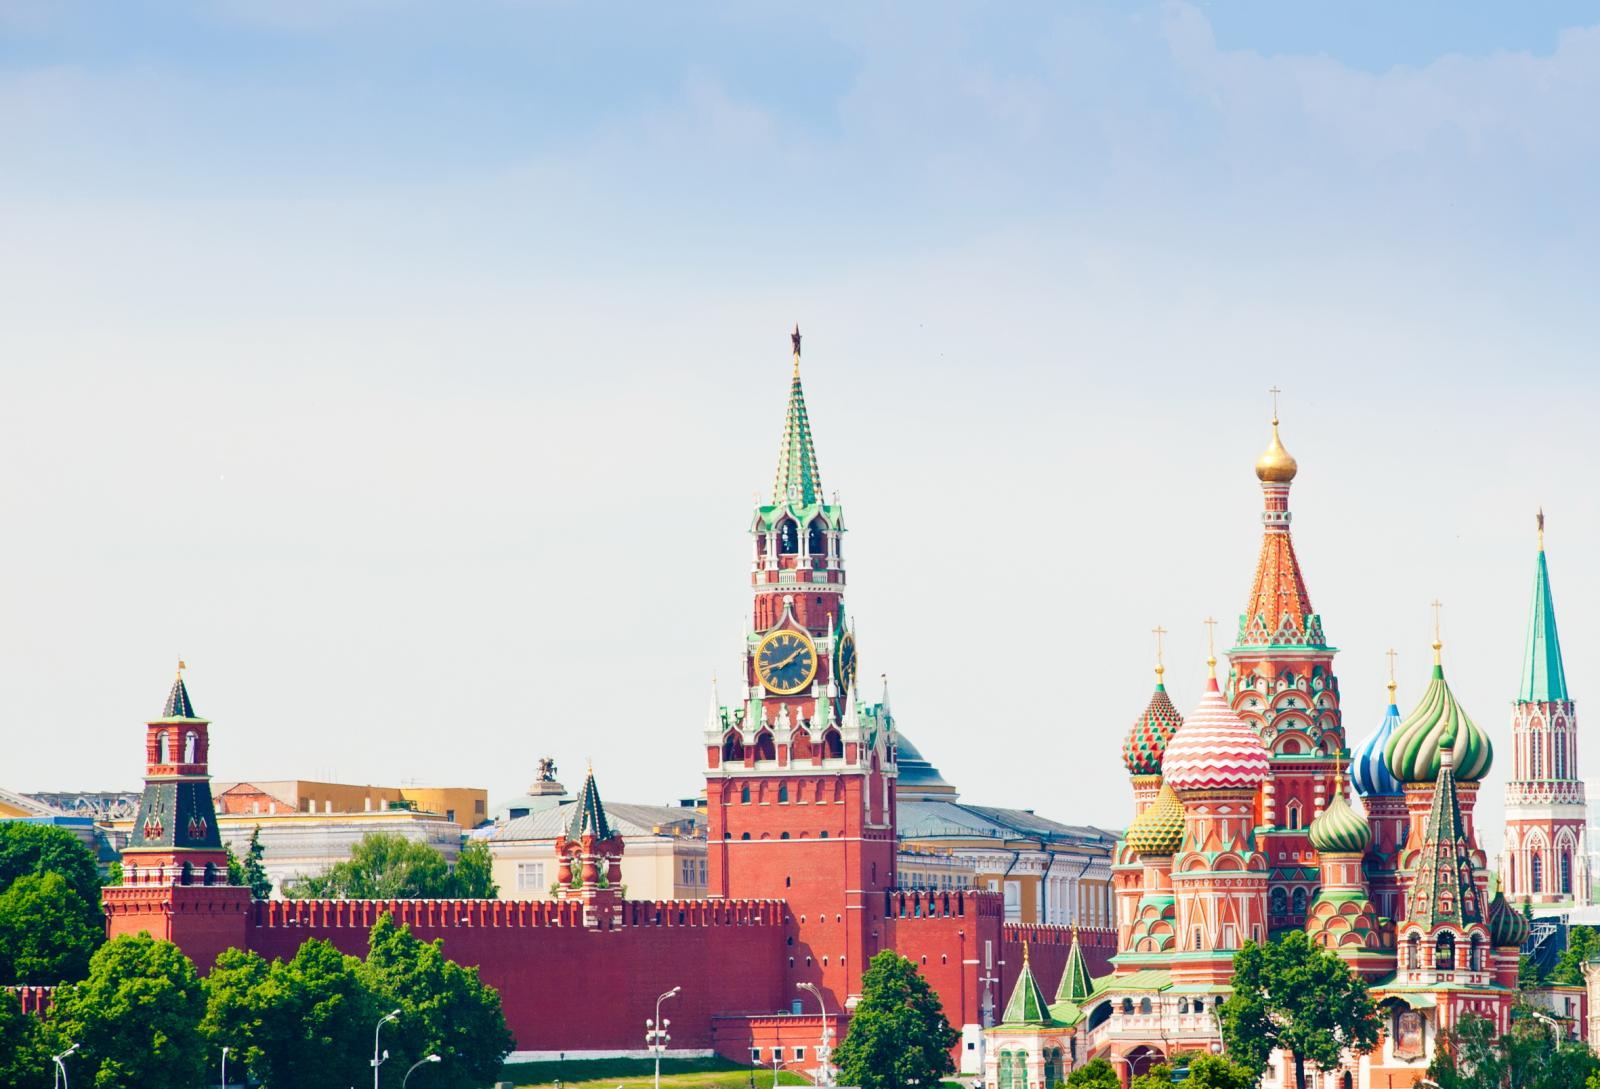 Города россии картинки для детей, прикольными